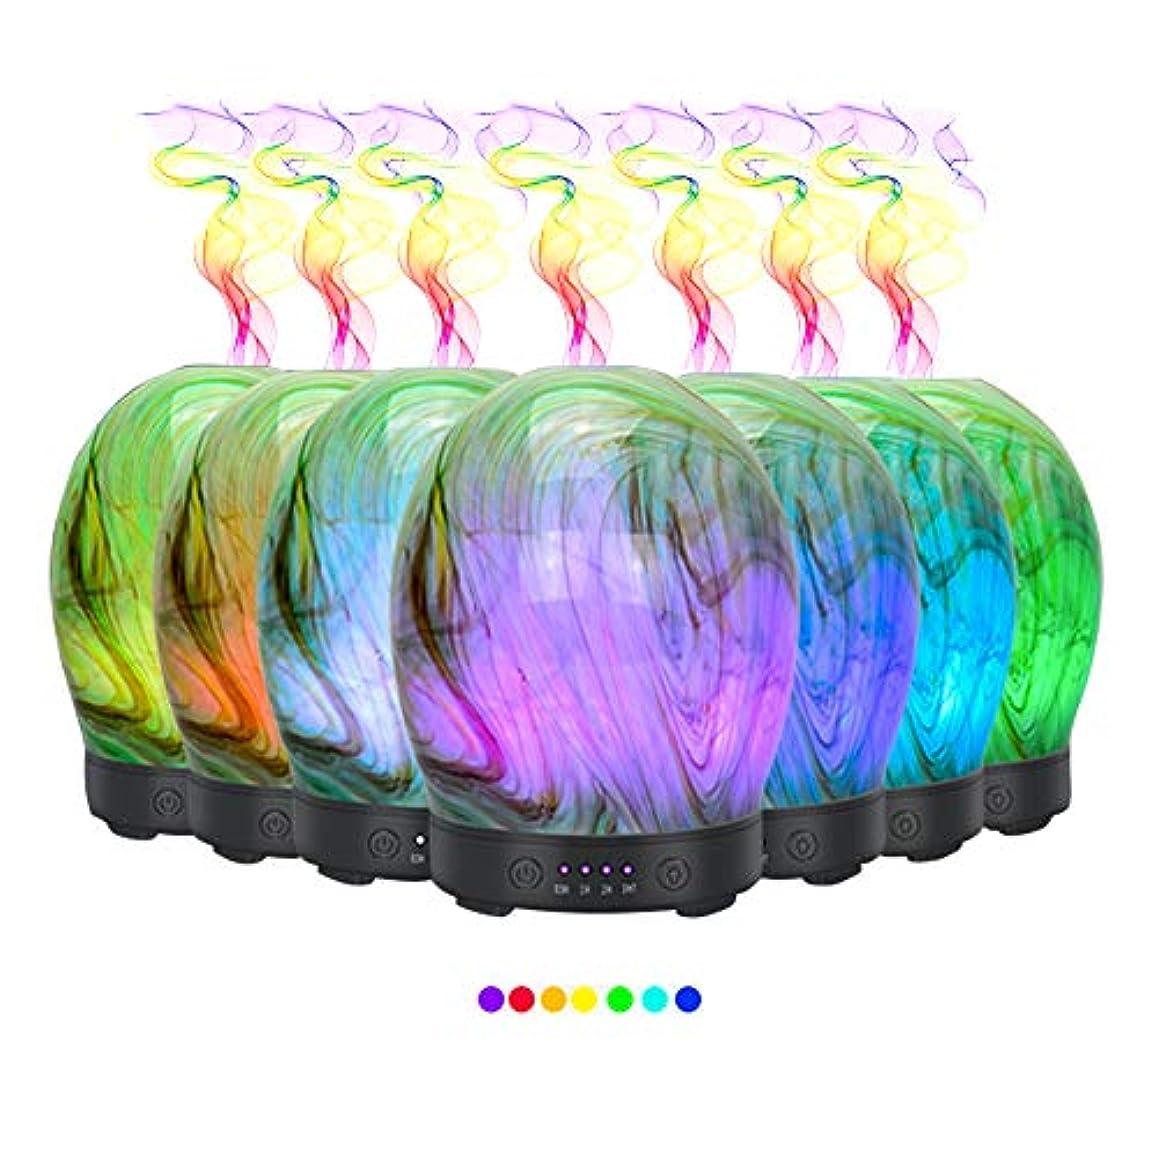 アリーナ悪性威するエッセンシャルオイル用ディフューザー (100ml)-3d アートガラスツイストツリーアロマ加湿器7色の変更 LED ライト & 4 タイマー設定、水なしオートシャットオフ